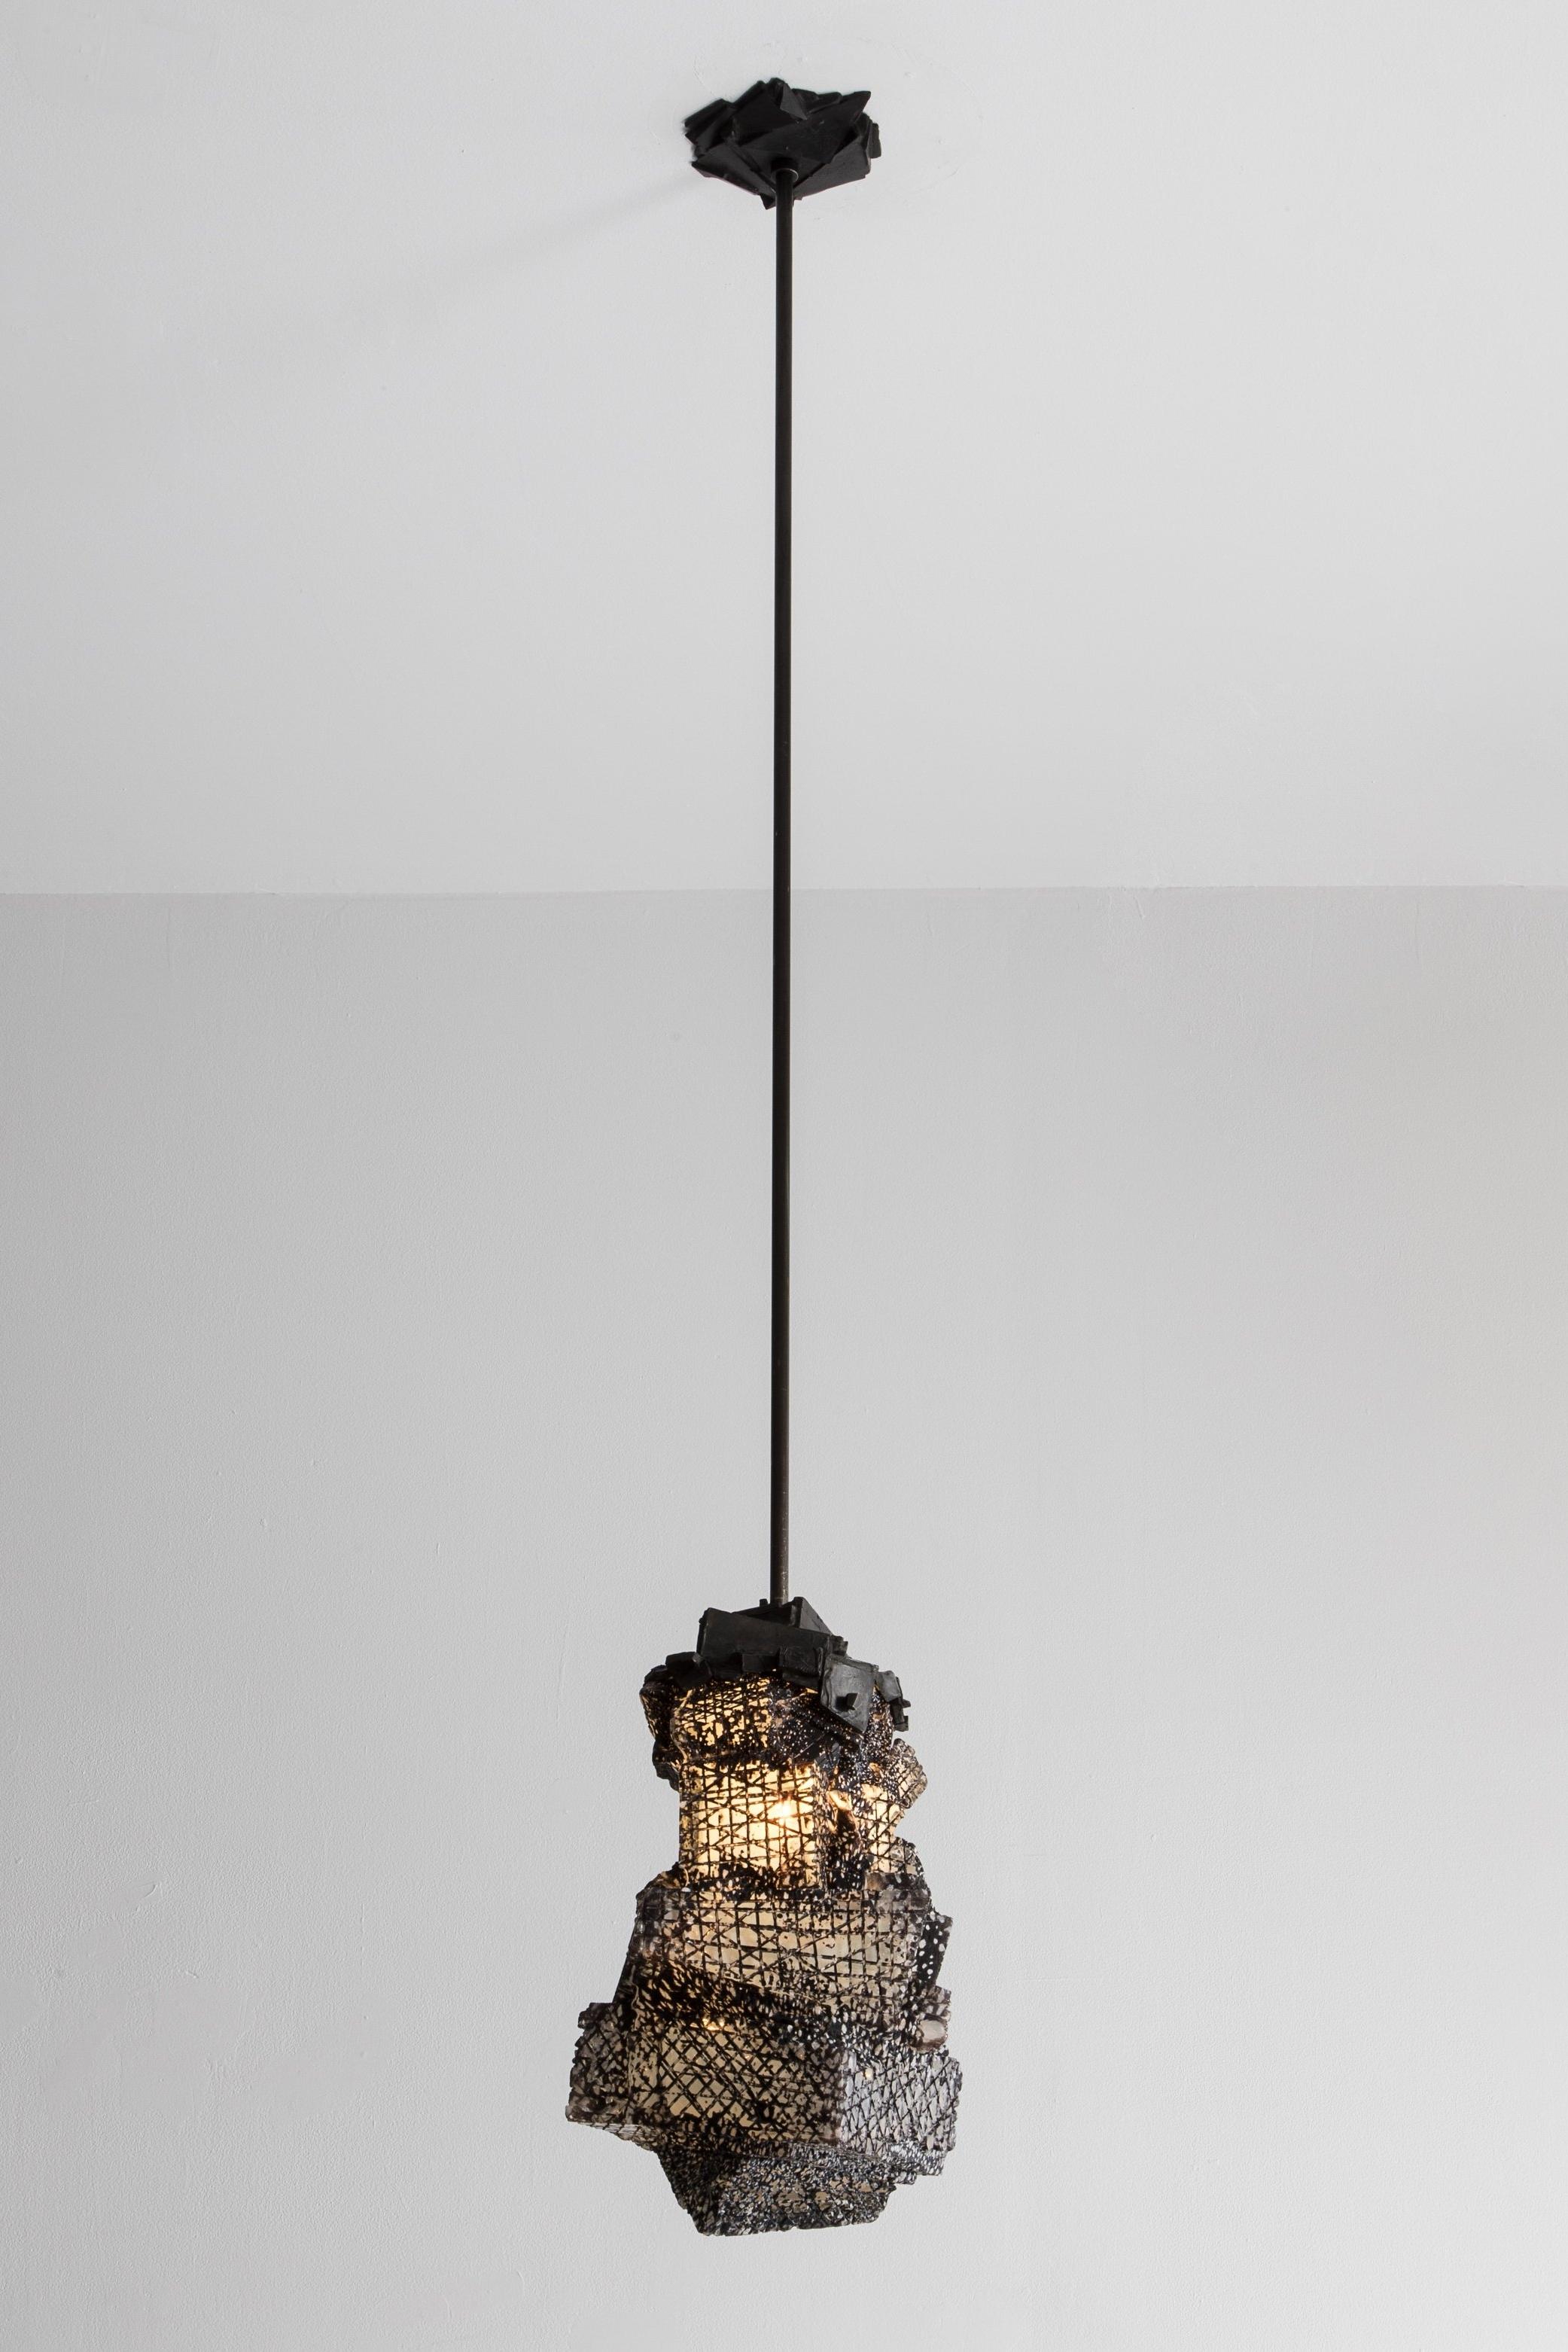 lamp 5-1.jpg